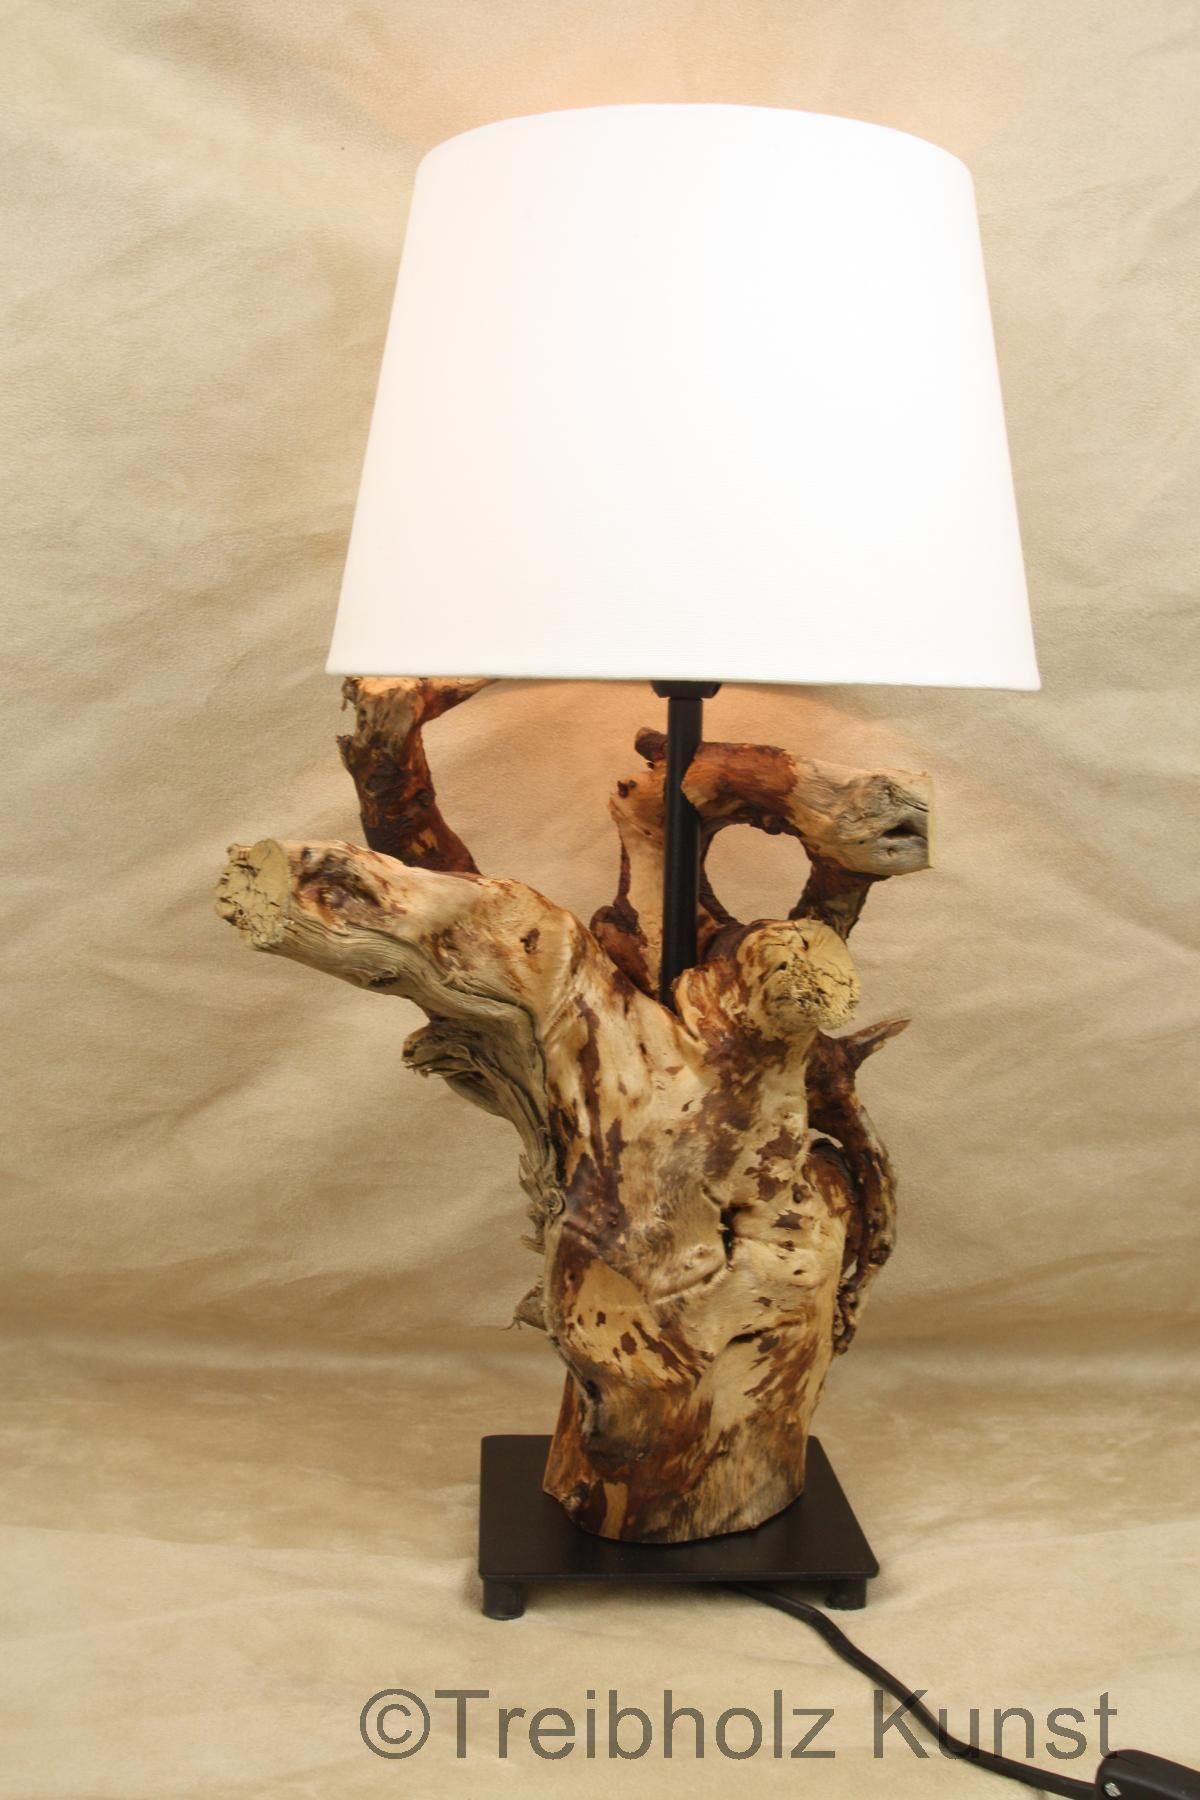 6 Ding alles Wohnzimmer Lampe Treibholz Tipps zum Dekorieren